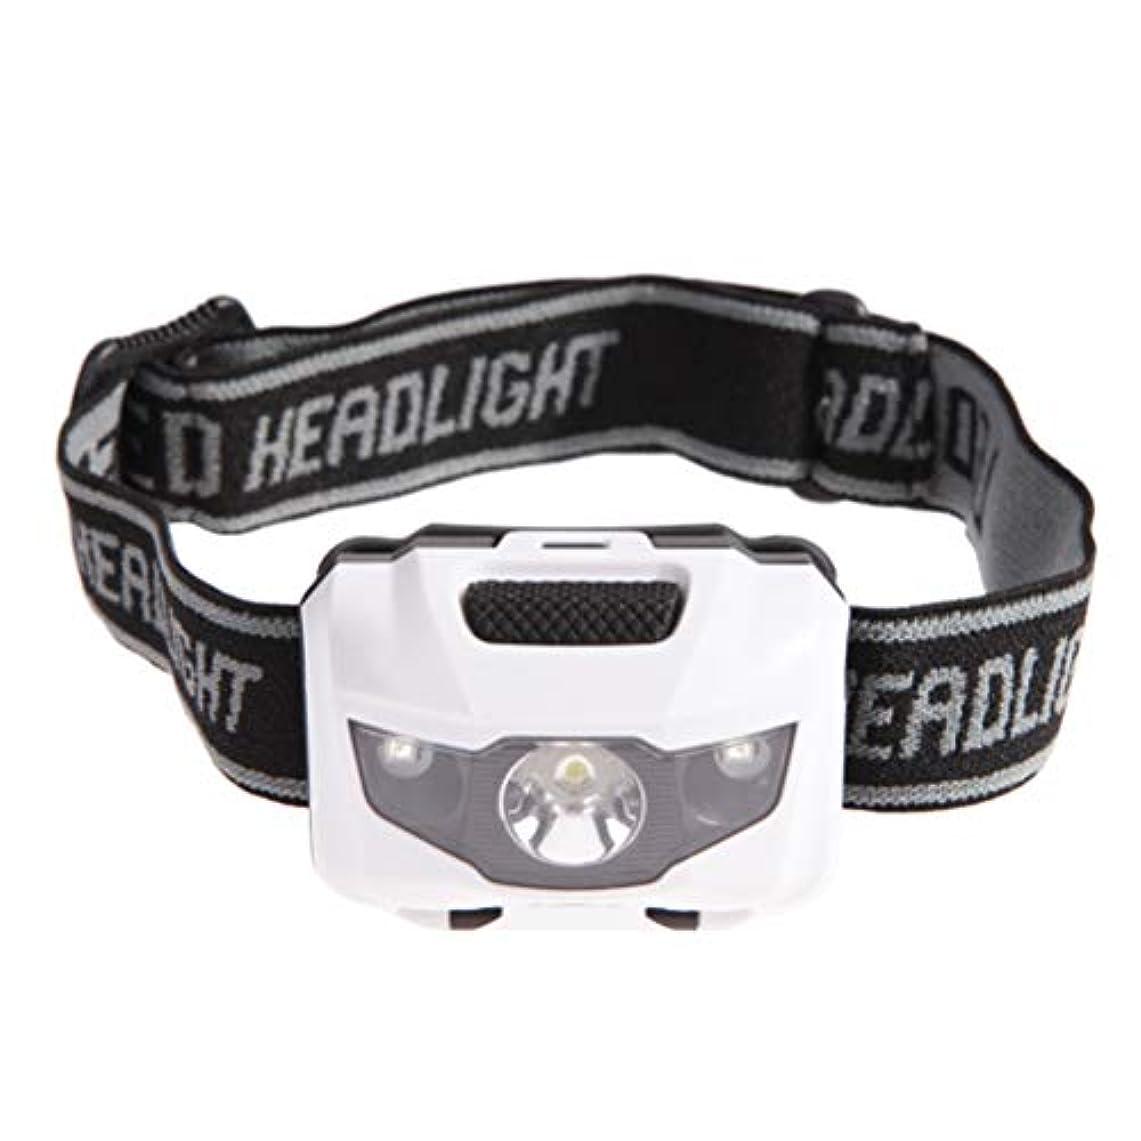 複雑な抜本的な割り当てますVORCOOL 屋内屋外キャンプ用の小型ヘッドライト軽量ヘッドランプ強力なLedヘッドライト(バッテリーなし)